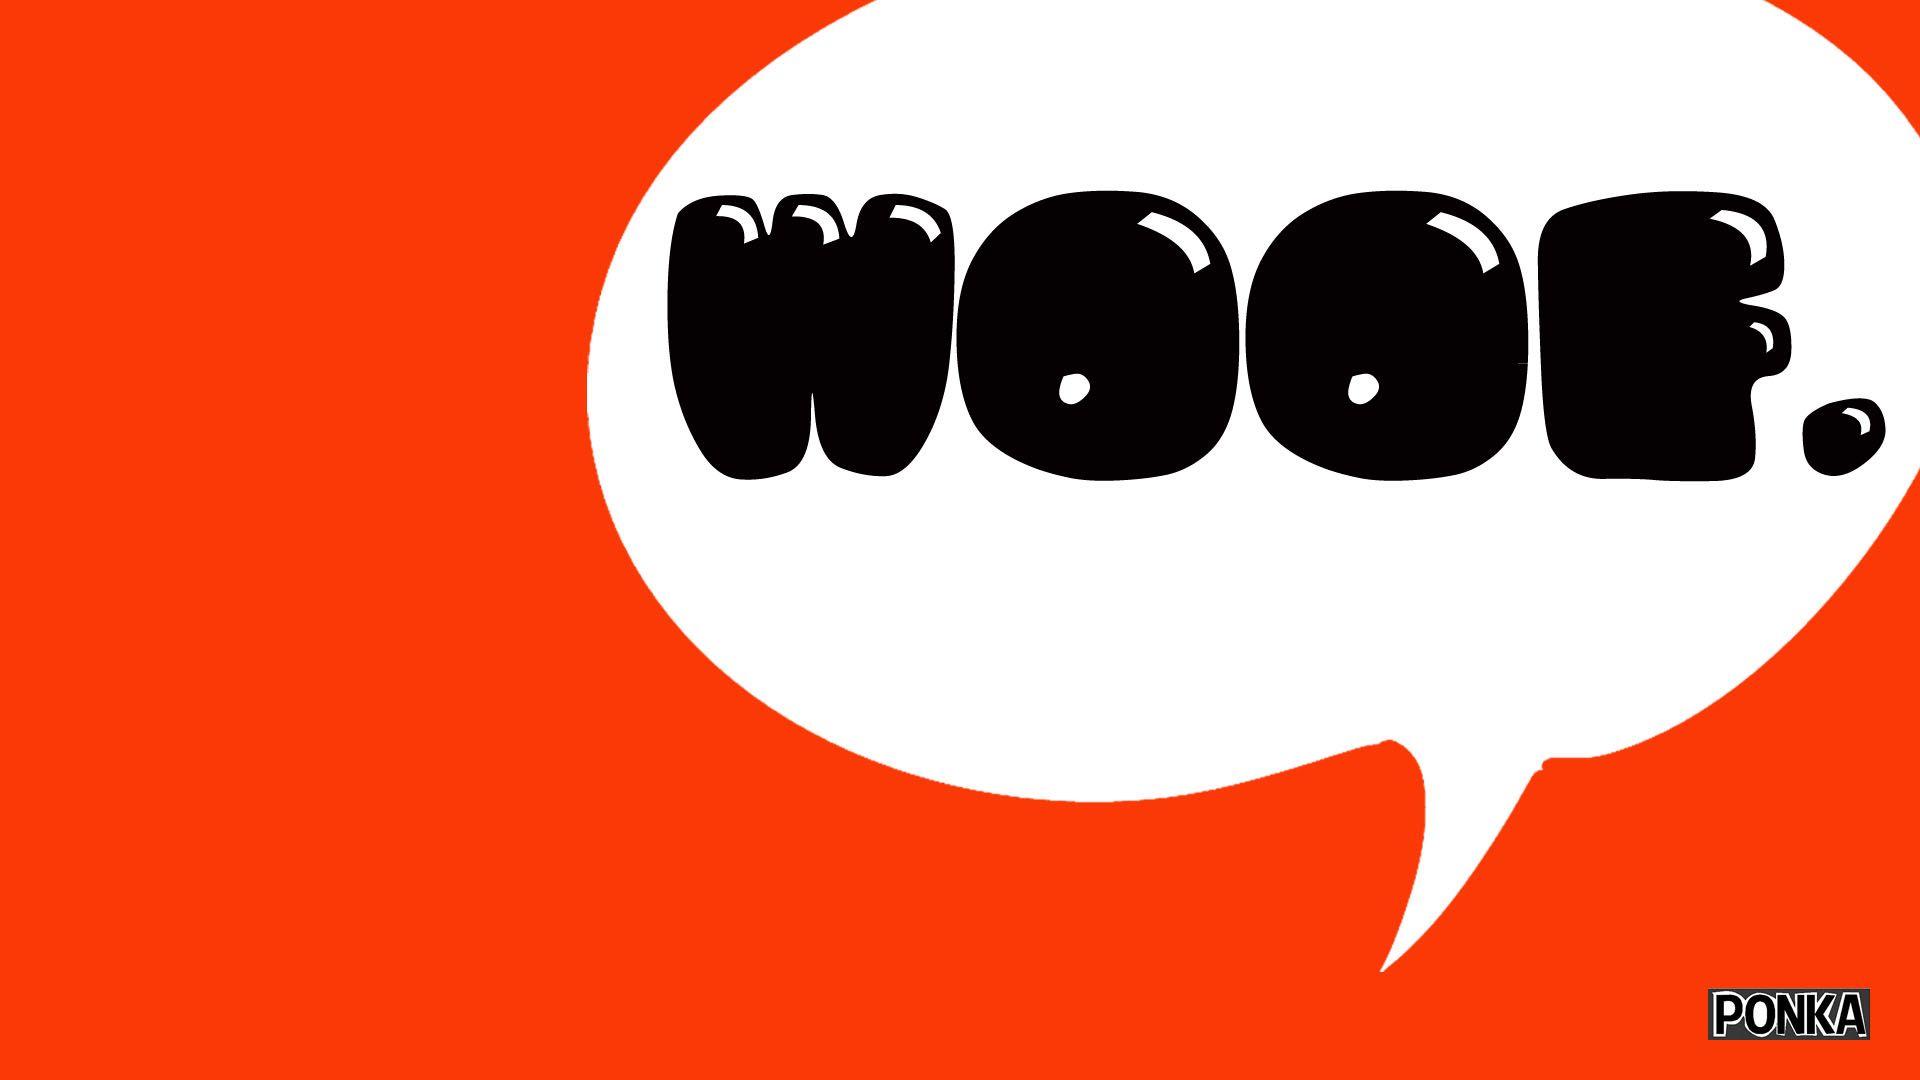 Woof. 1920x1080 (16:9)